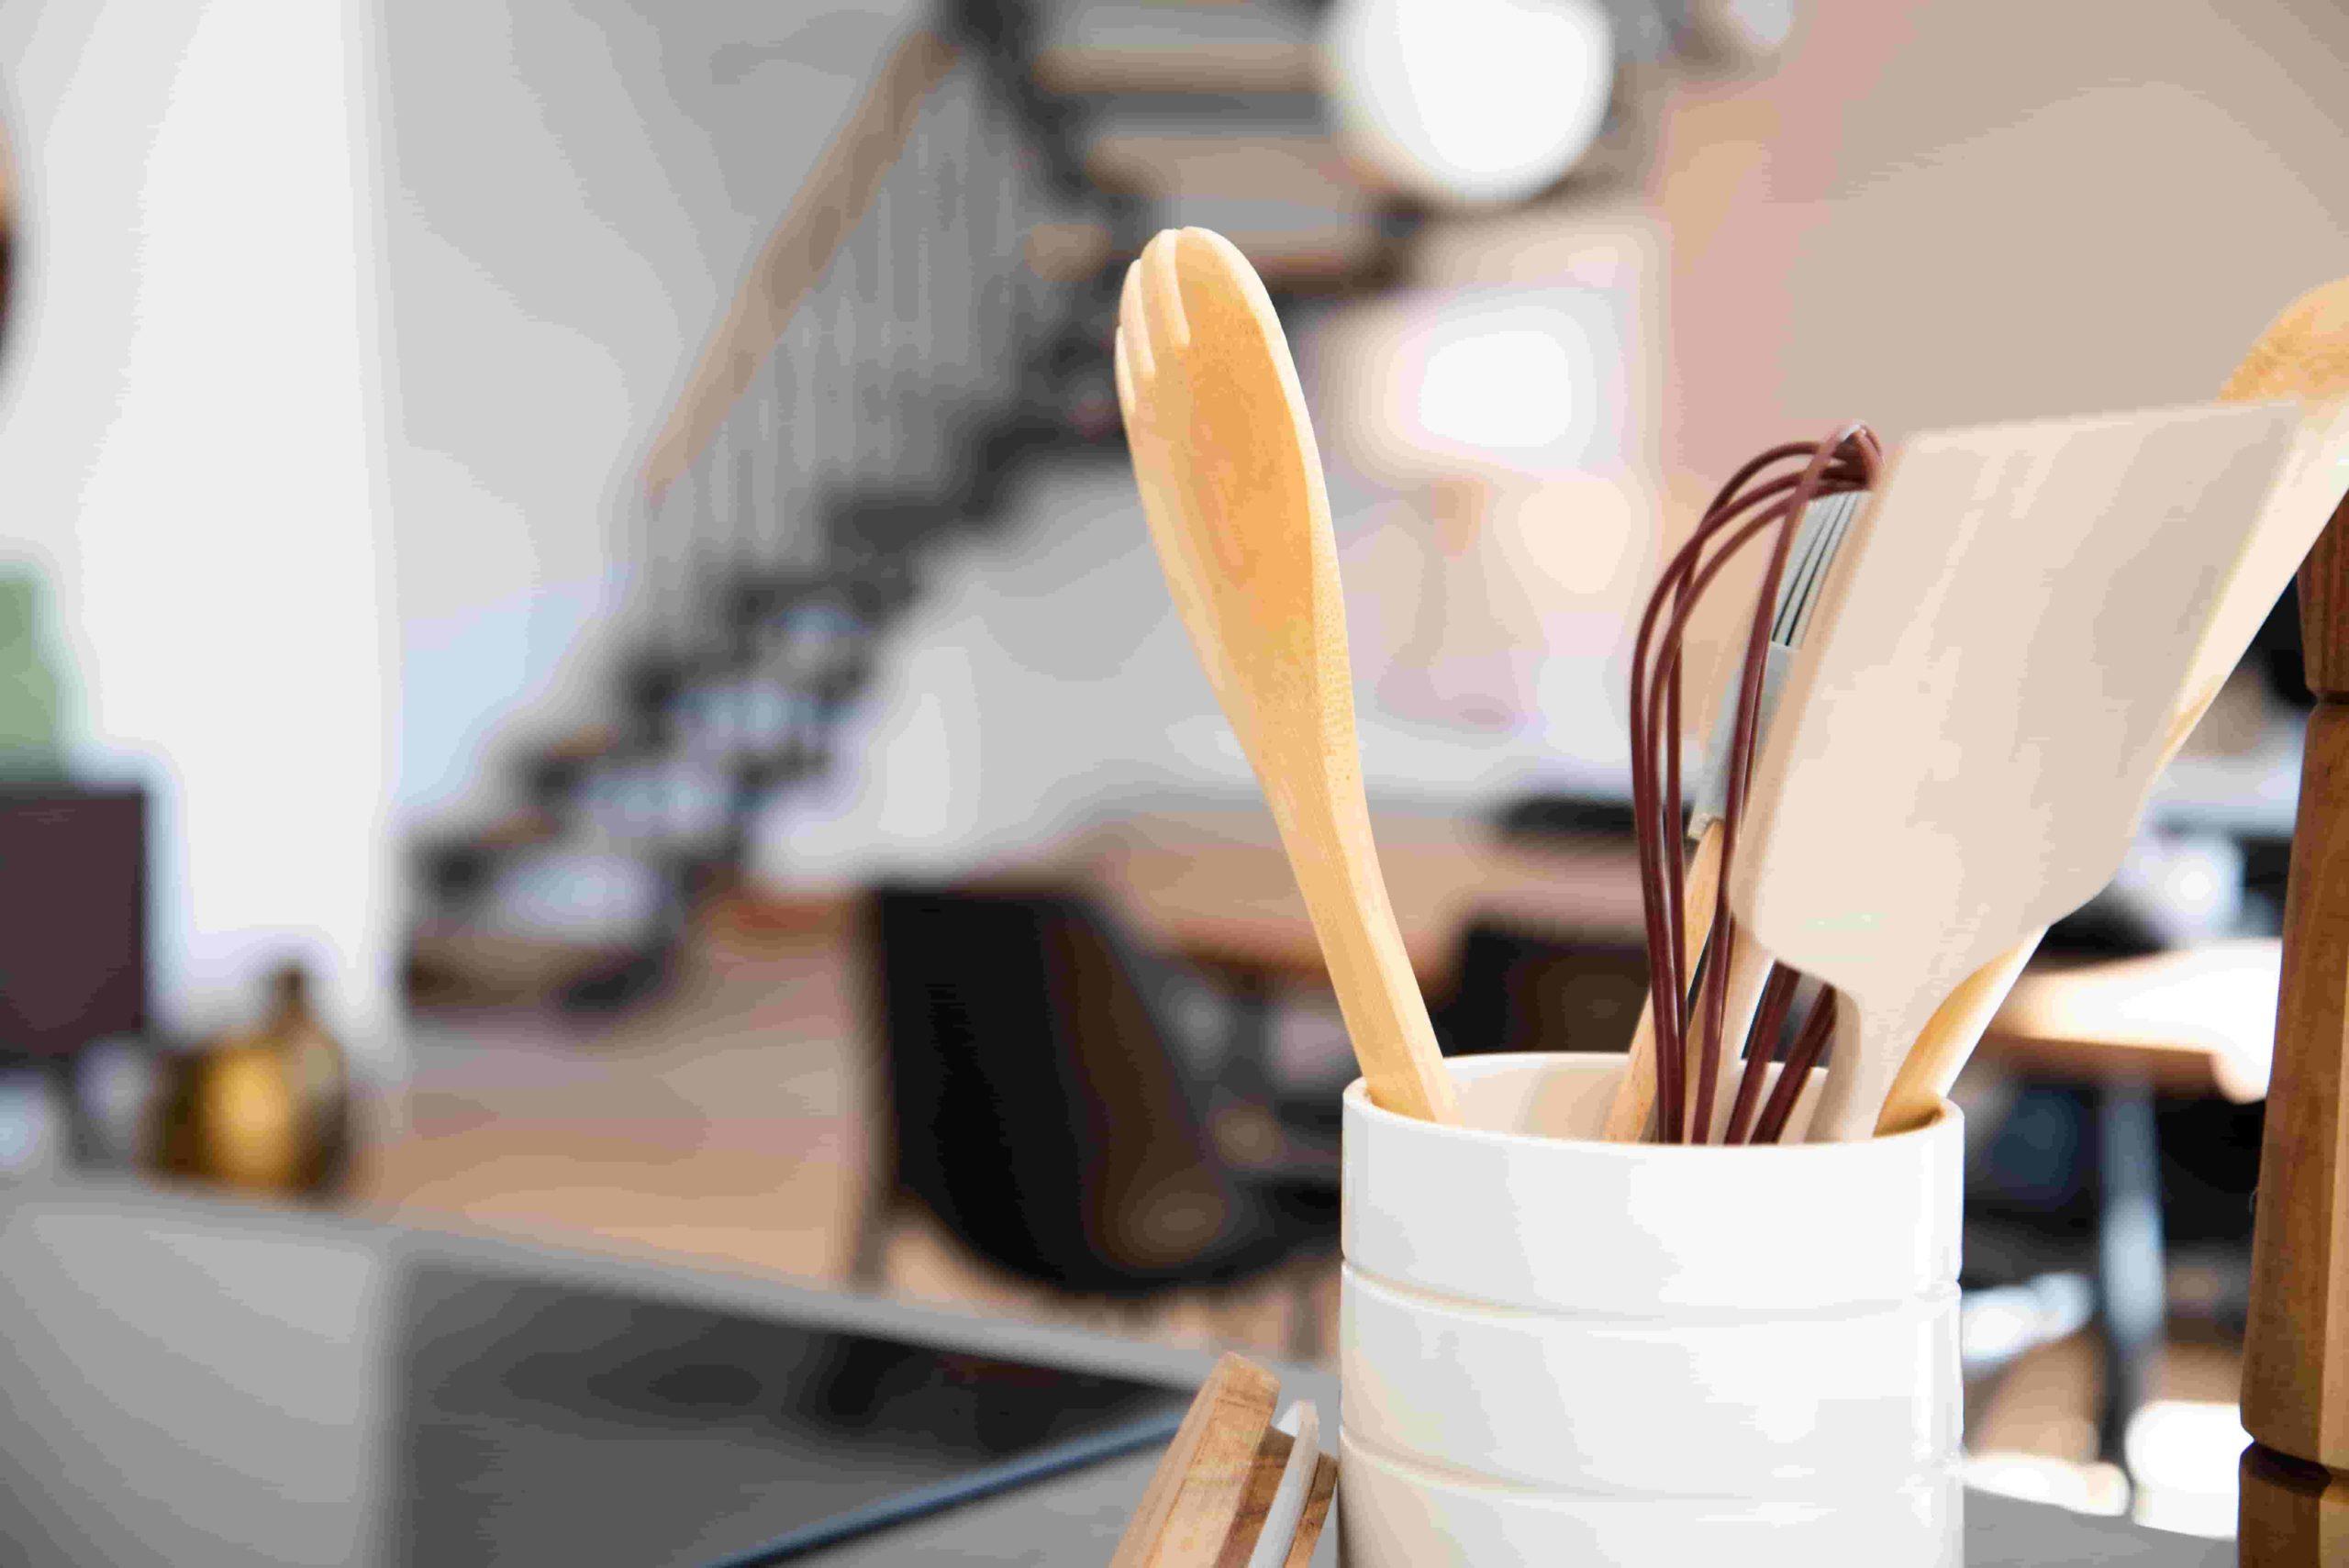 ecobrick stick ideas - jar containing kitchen utensils